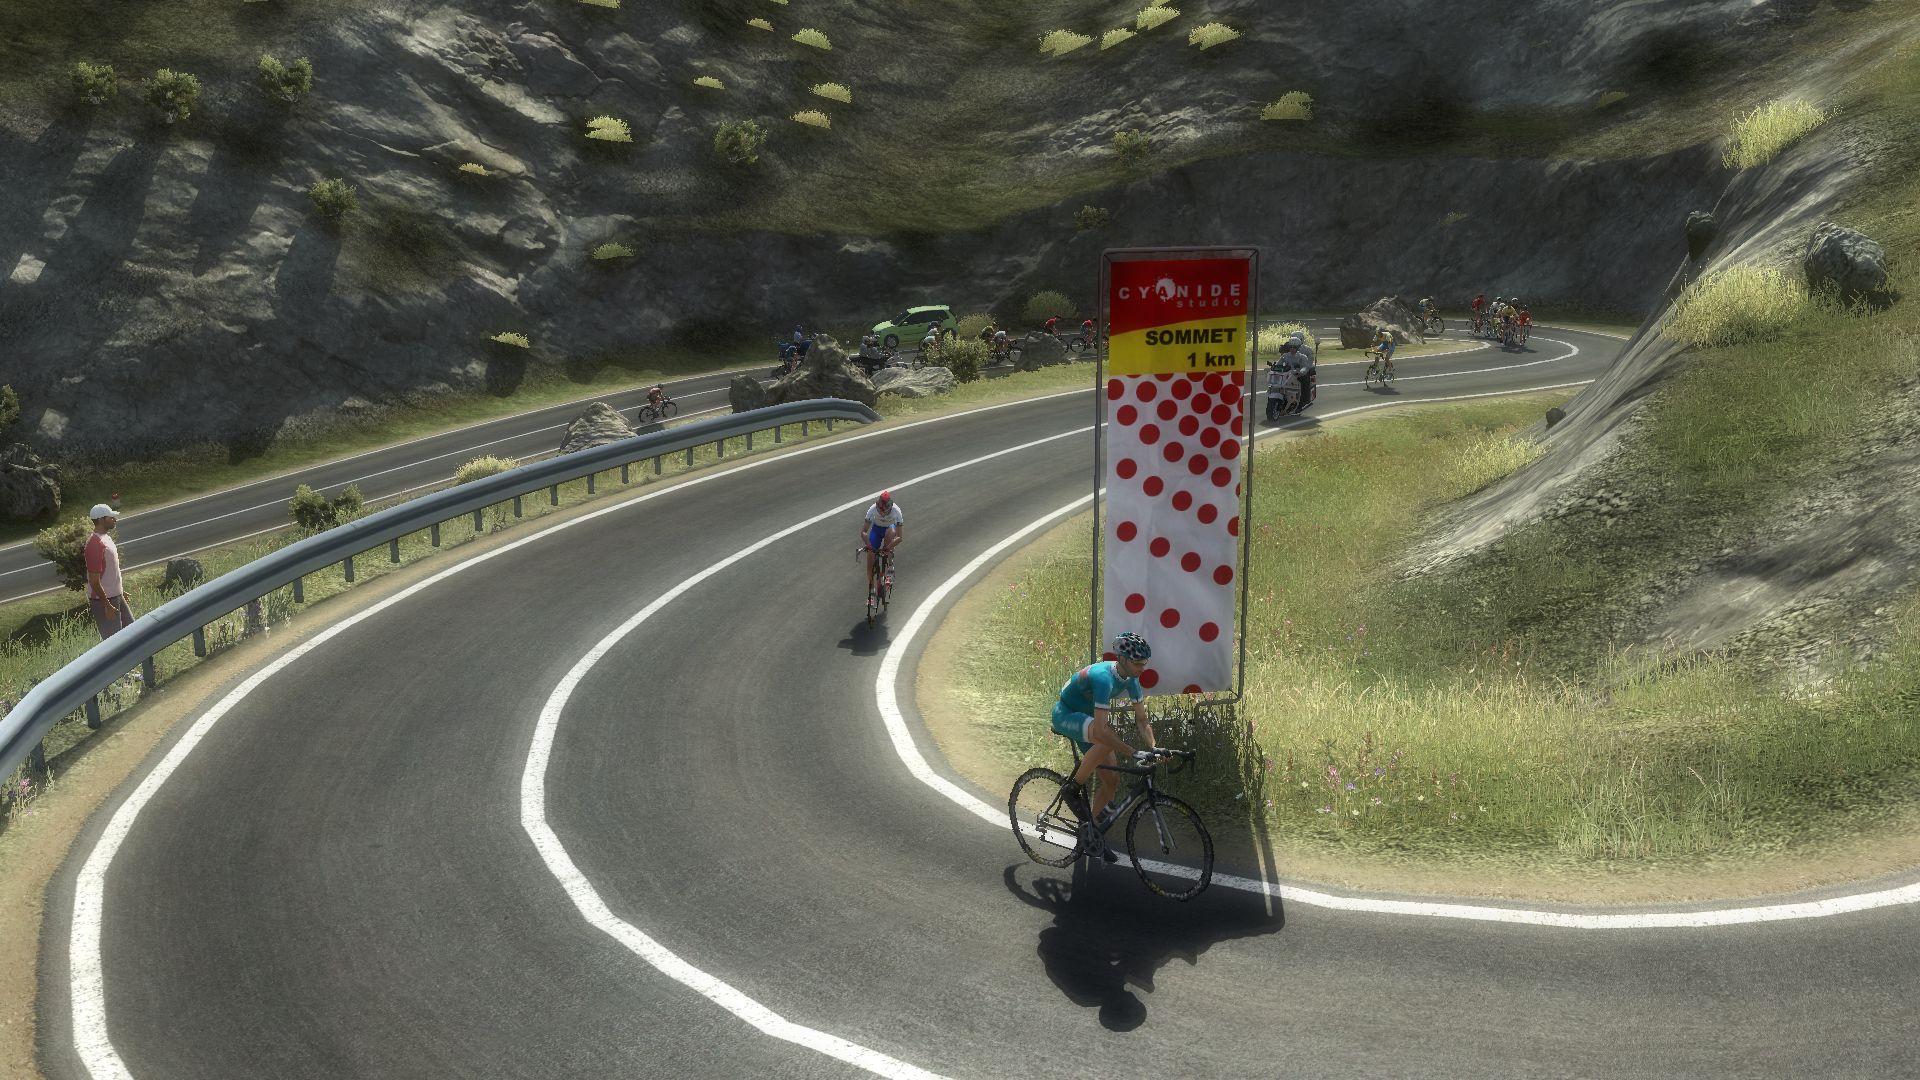 pcmdaily.com/images/mg/2020/Reports/C1/Andorra/TdAS5%2022.jpg